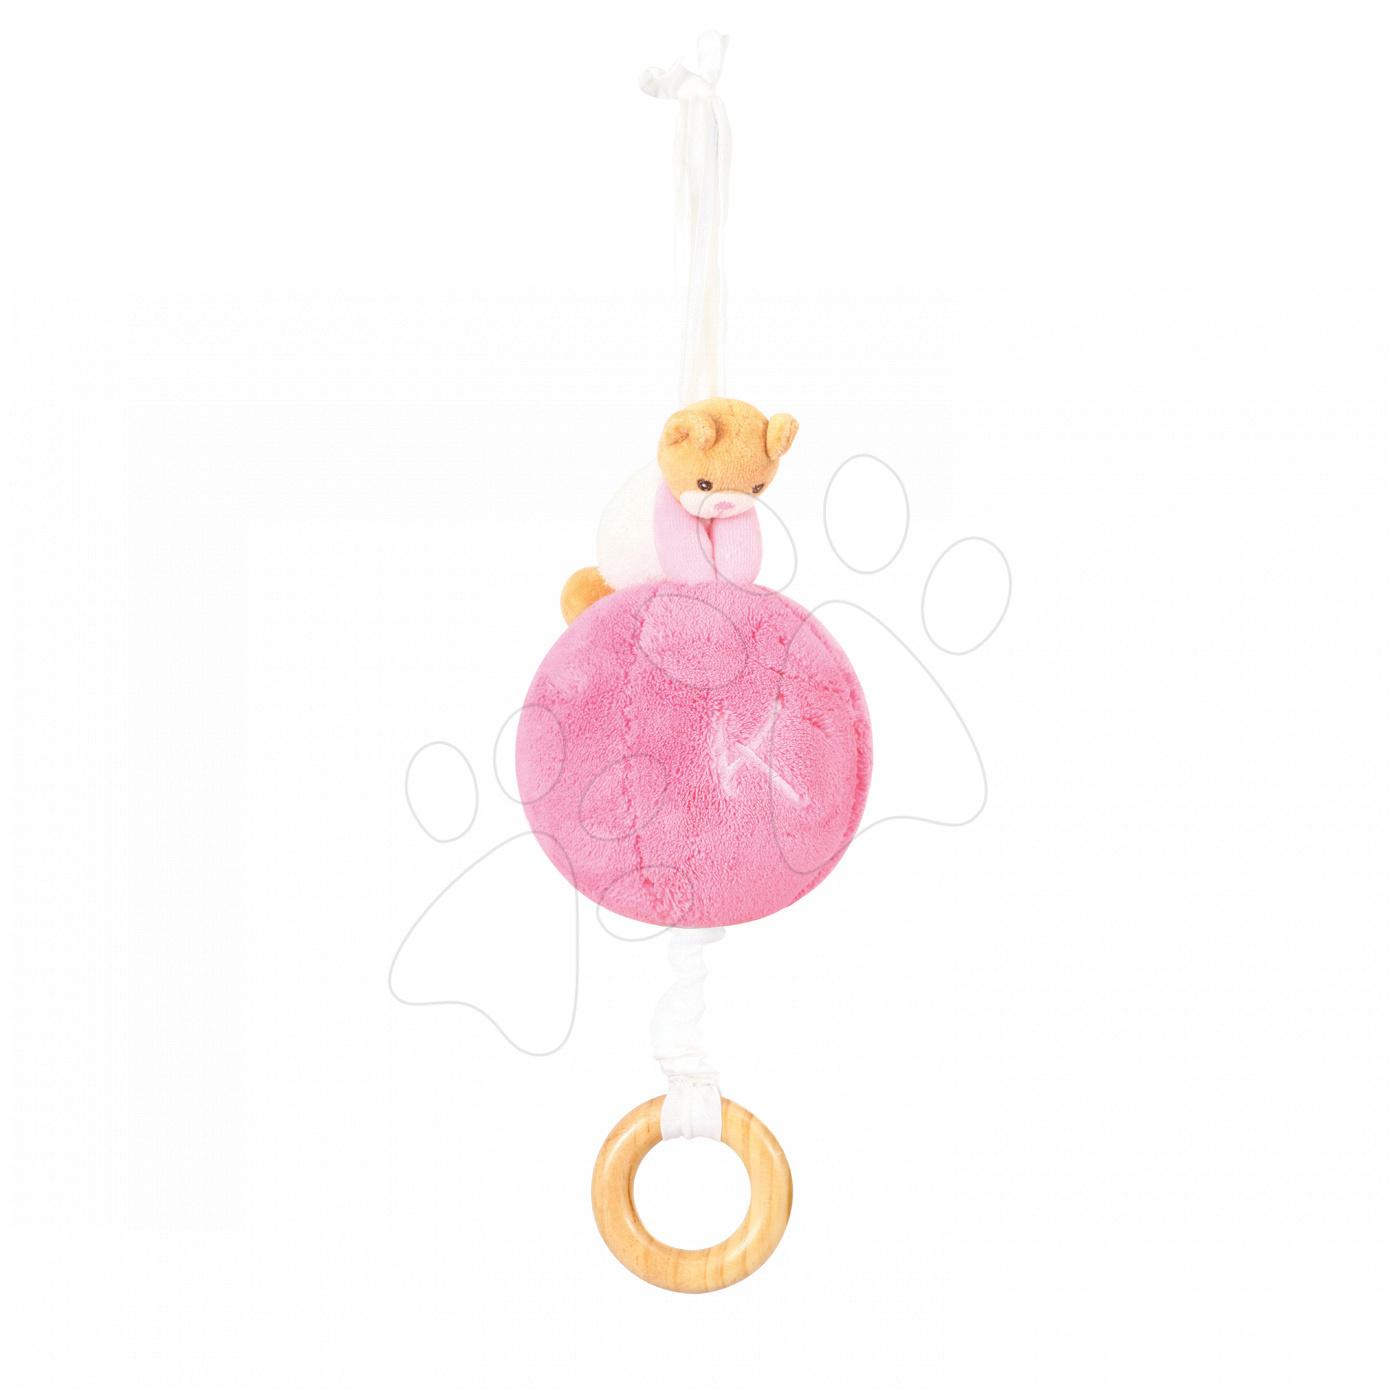 Plyšový míček medvěd s hudbou Plume - Pull Along Ball Kaloo růžový z jemného měkkého plyše